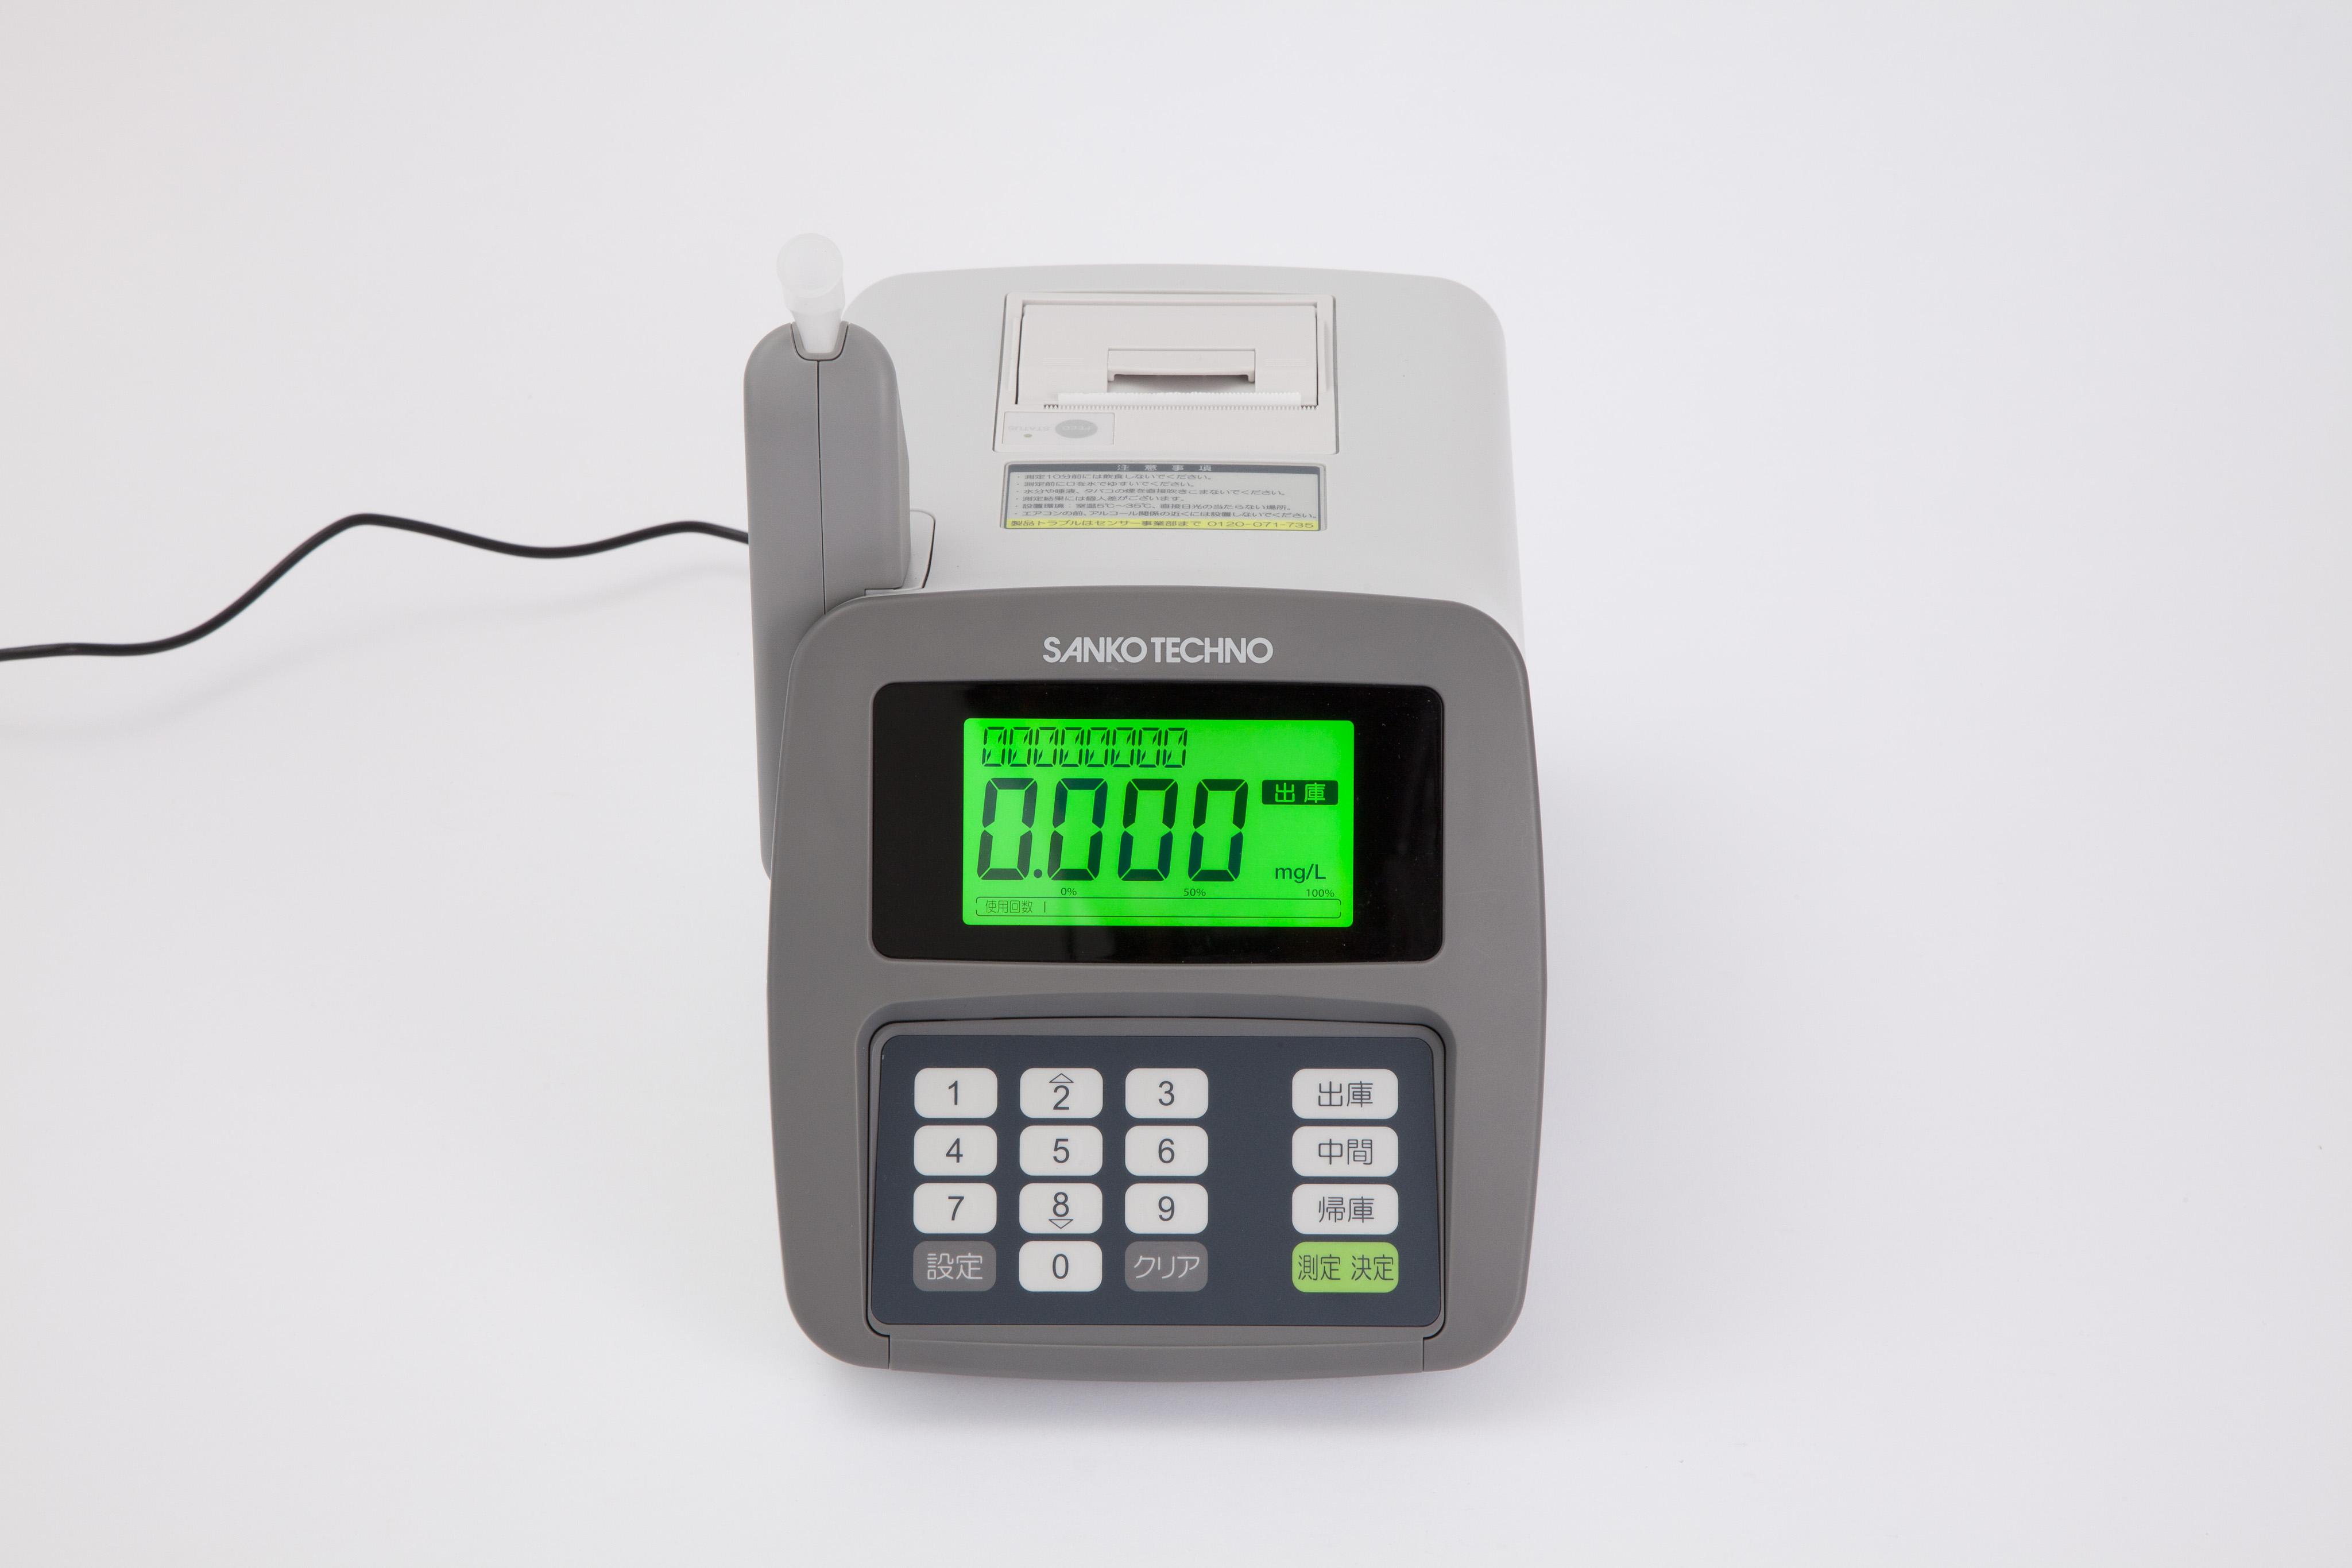 サンコーテクノのアルコール測定器「ST-3000」音声ガイド機能にエーアイの音声合成AITalk®が採用